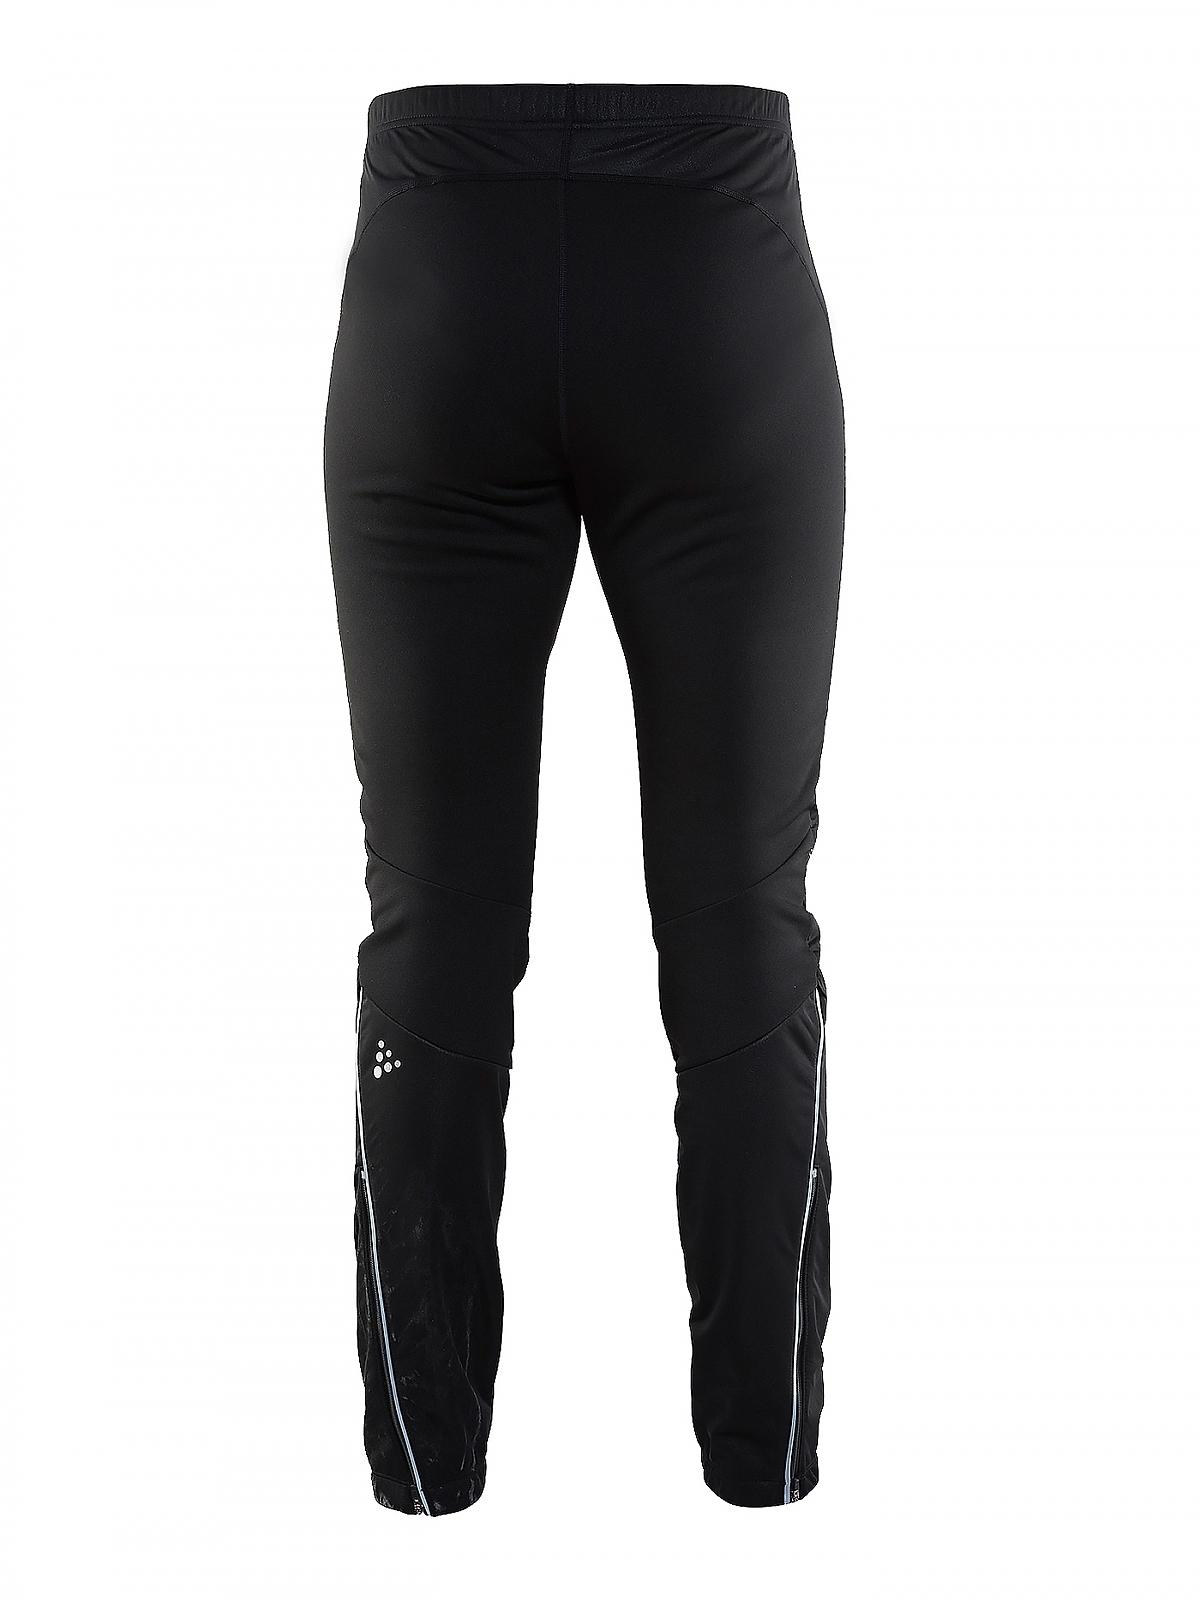 Женские лыжные брюки Craft Storm 2.0 1904259-9999 фото